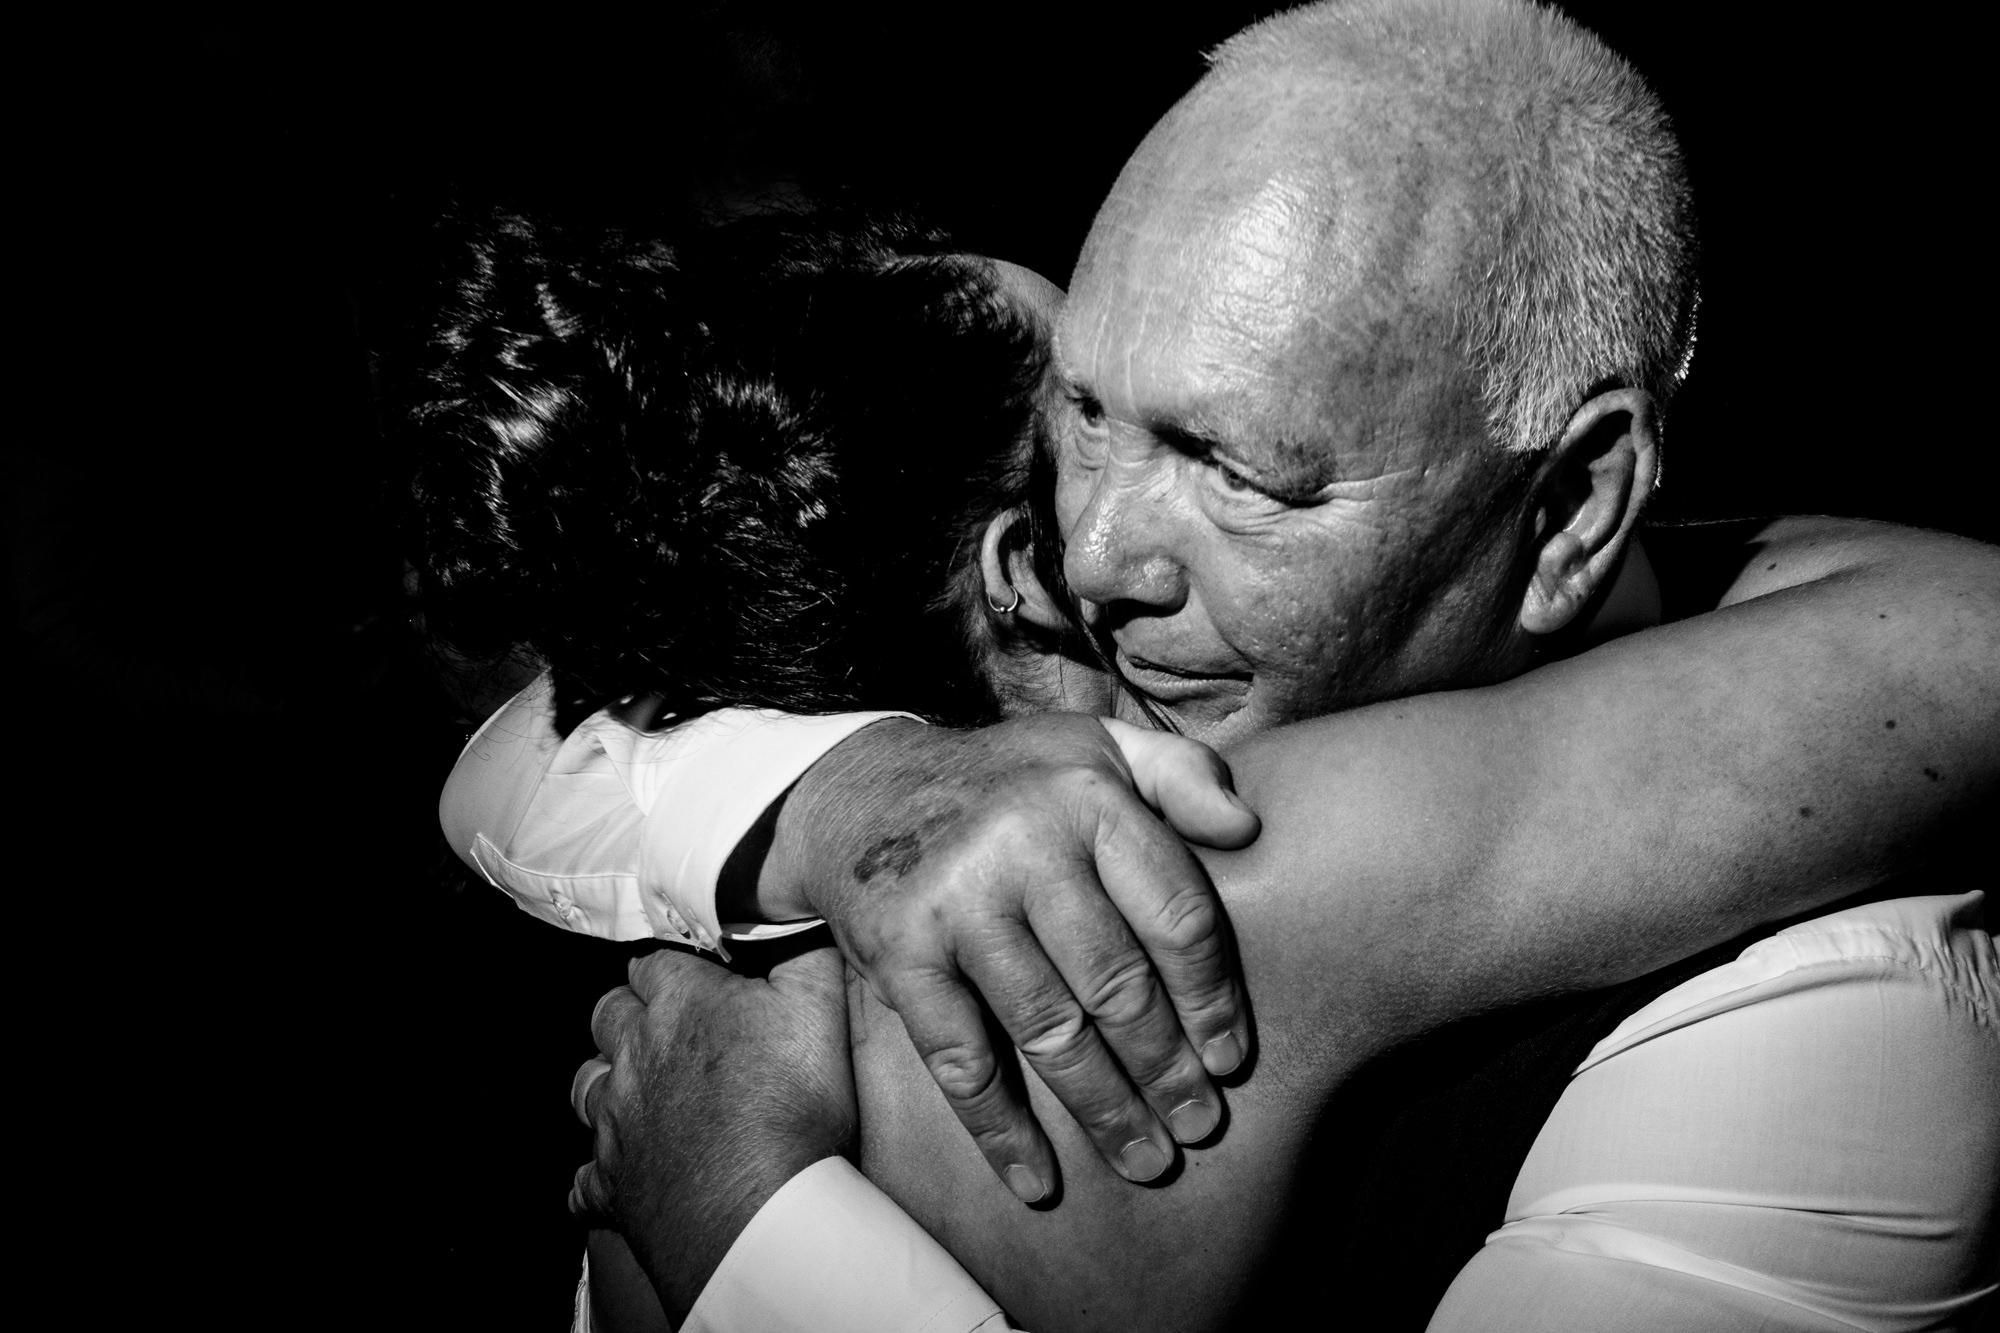 guest hugging bride on the dancefloor.